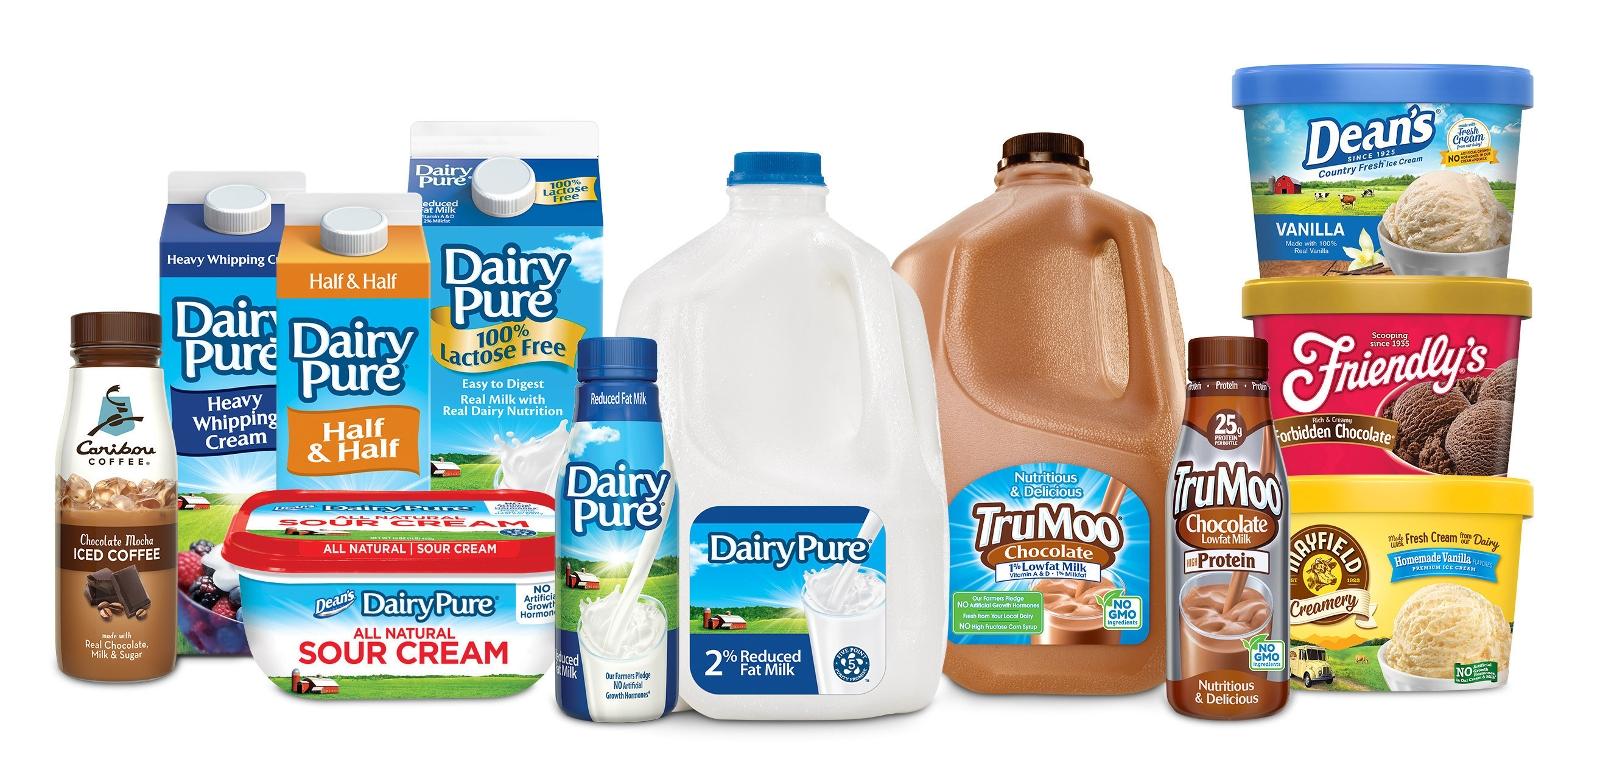 Dean Foods News